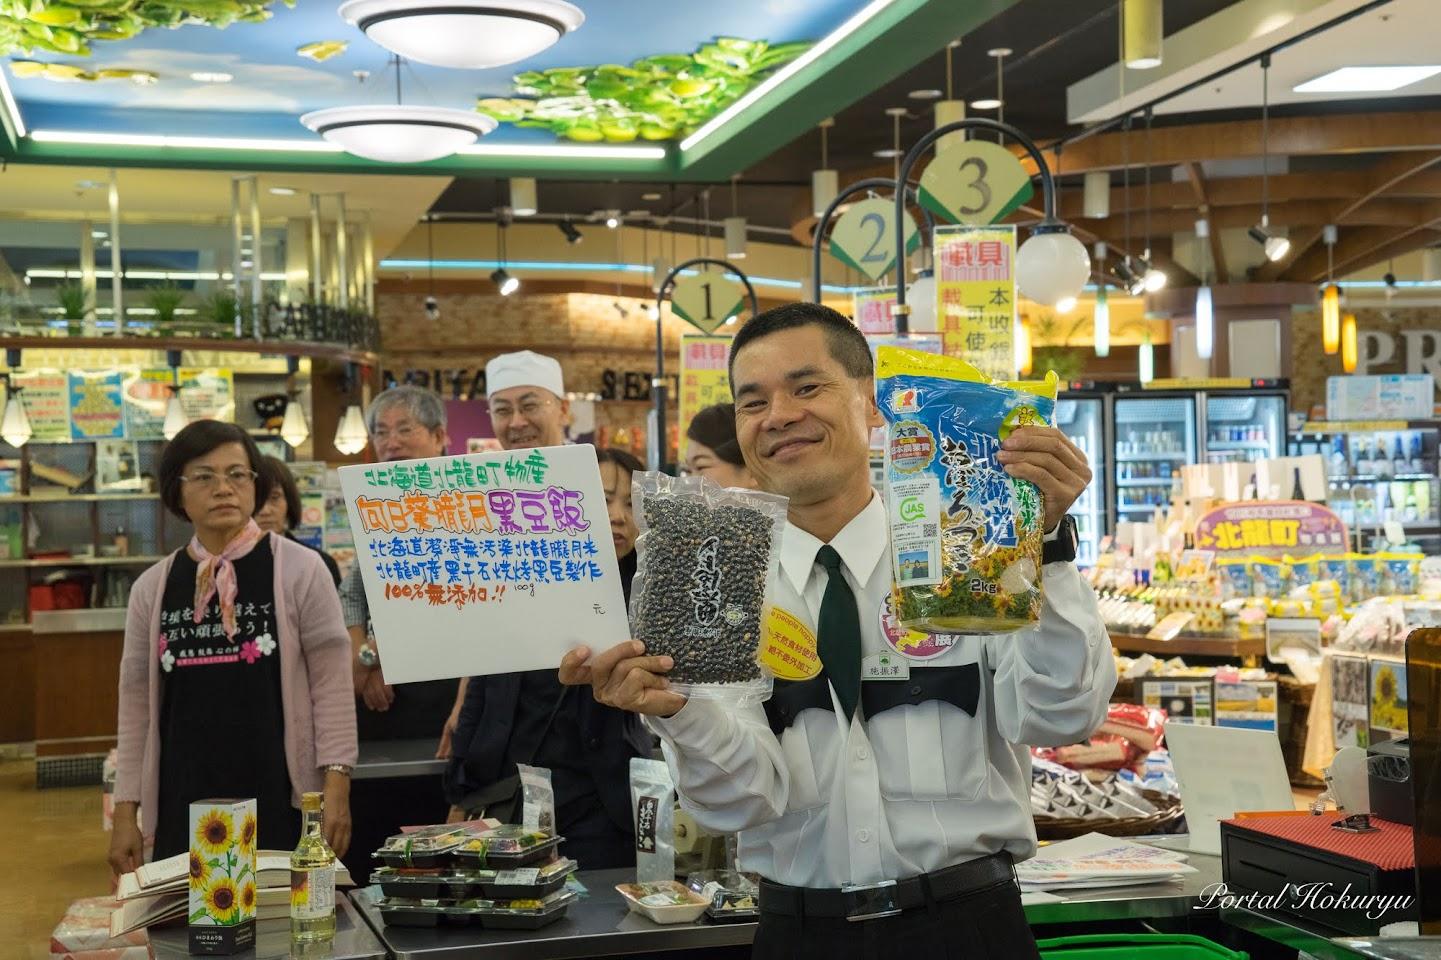 ひまわりライス「おぼろづき」、黒千石大豆の紹介